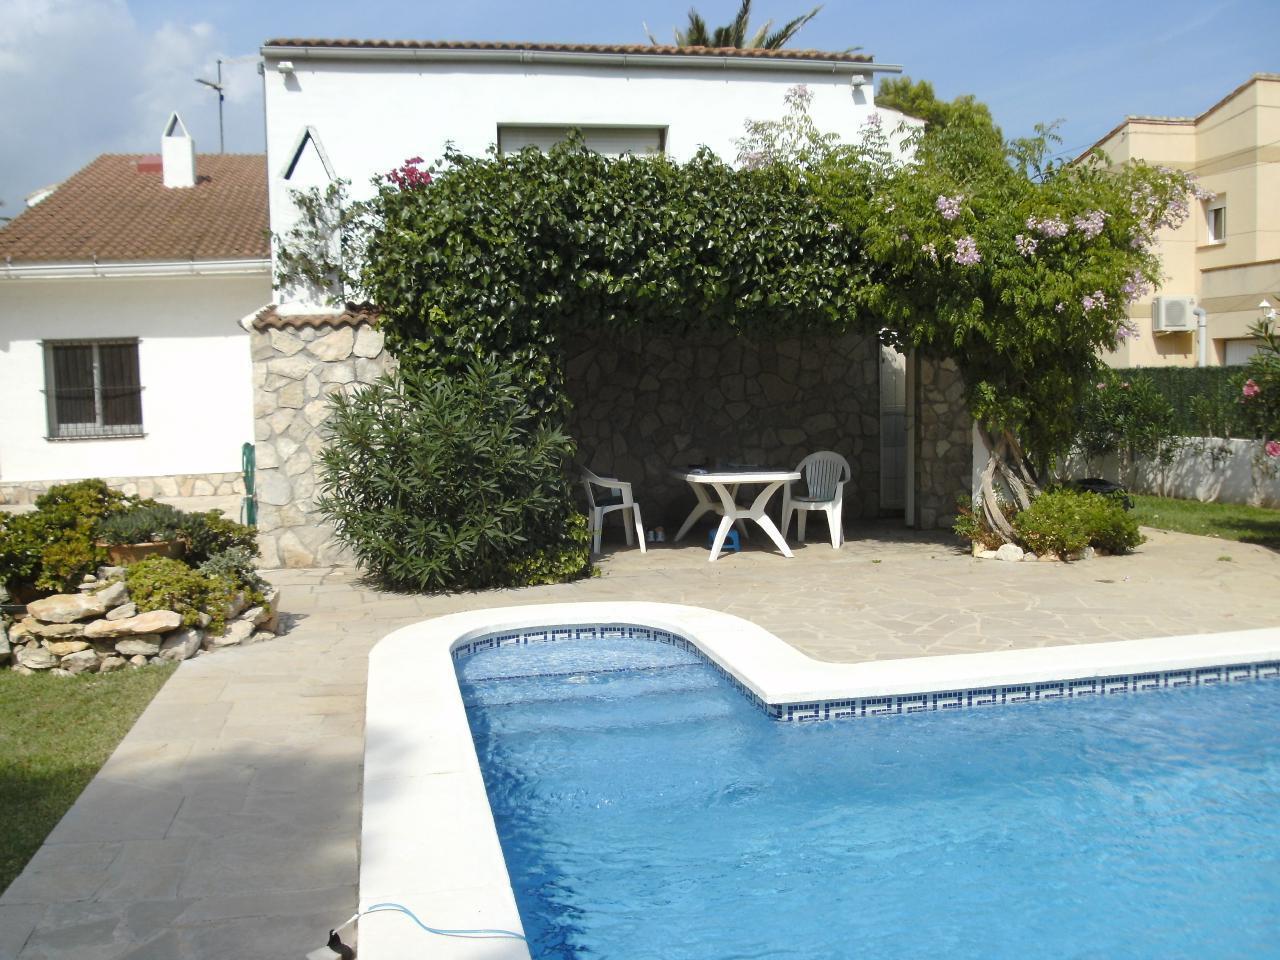 Ferienhaus mit WiFi Privat-Pool ohne Einsicht gute Preise (1901111), L'Ametlla de Mar, Costa Dorada, Katalonien, Spanien, Bild 5